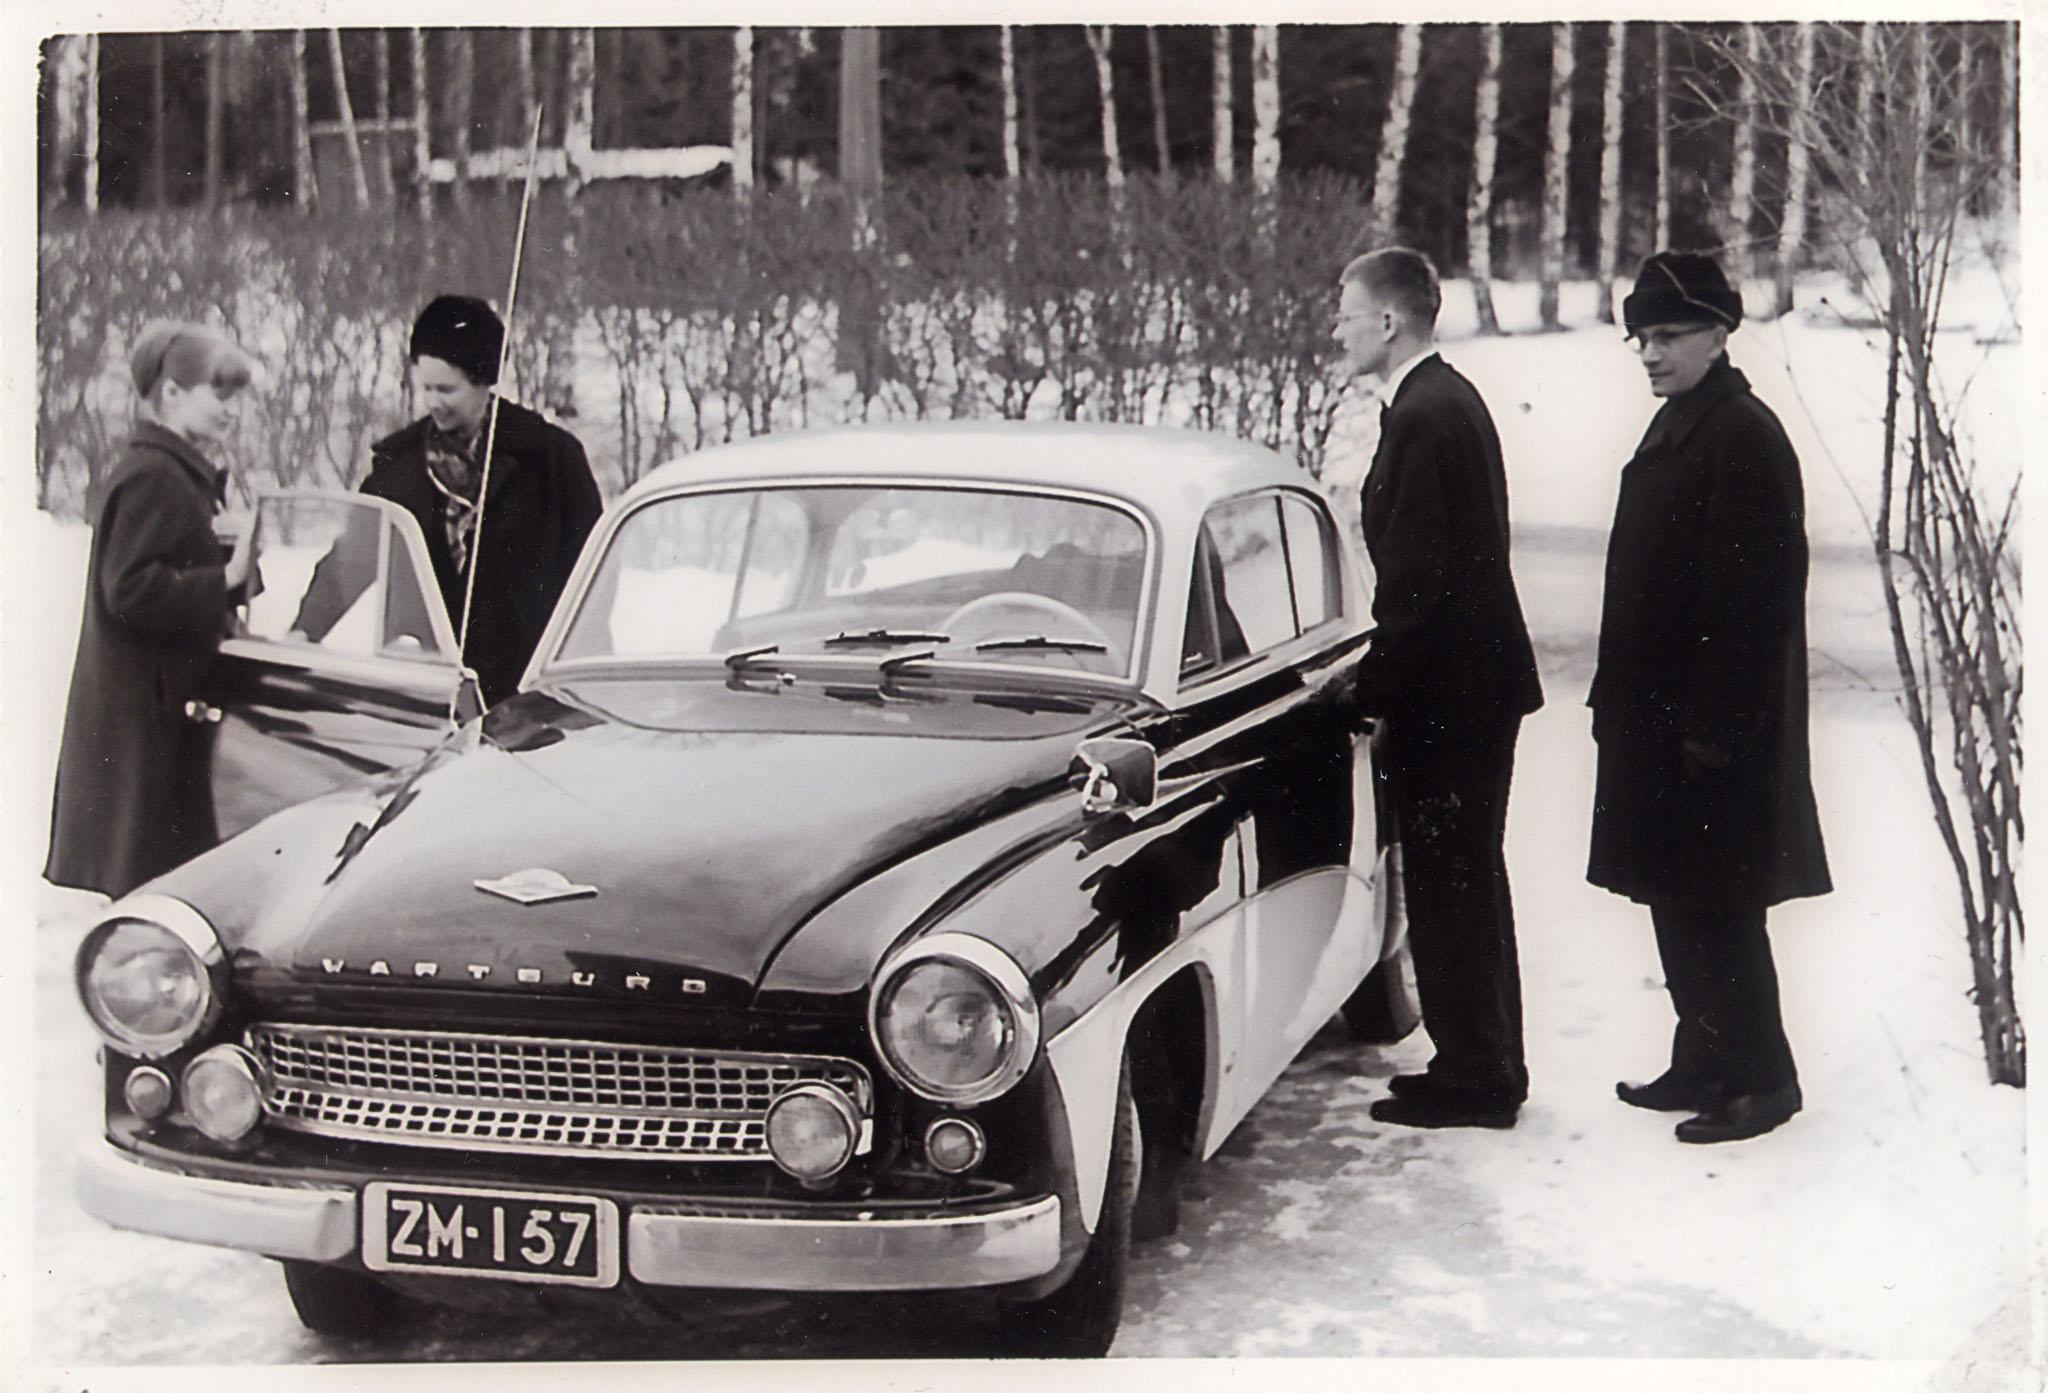 Sittemmin Karin nuorisoautoksi päätynyt 2D HT, tässä tiettävästi vielä isän omistuksessa.